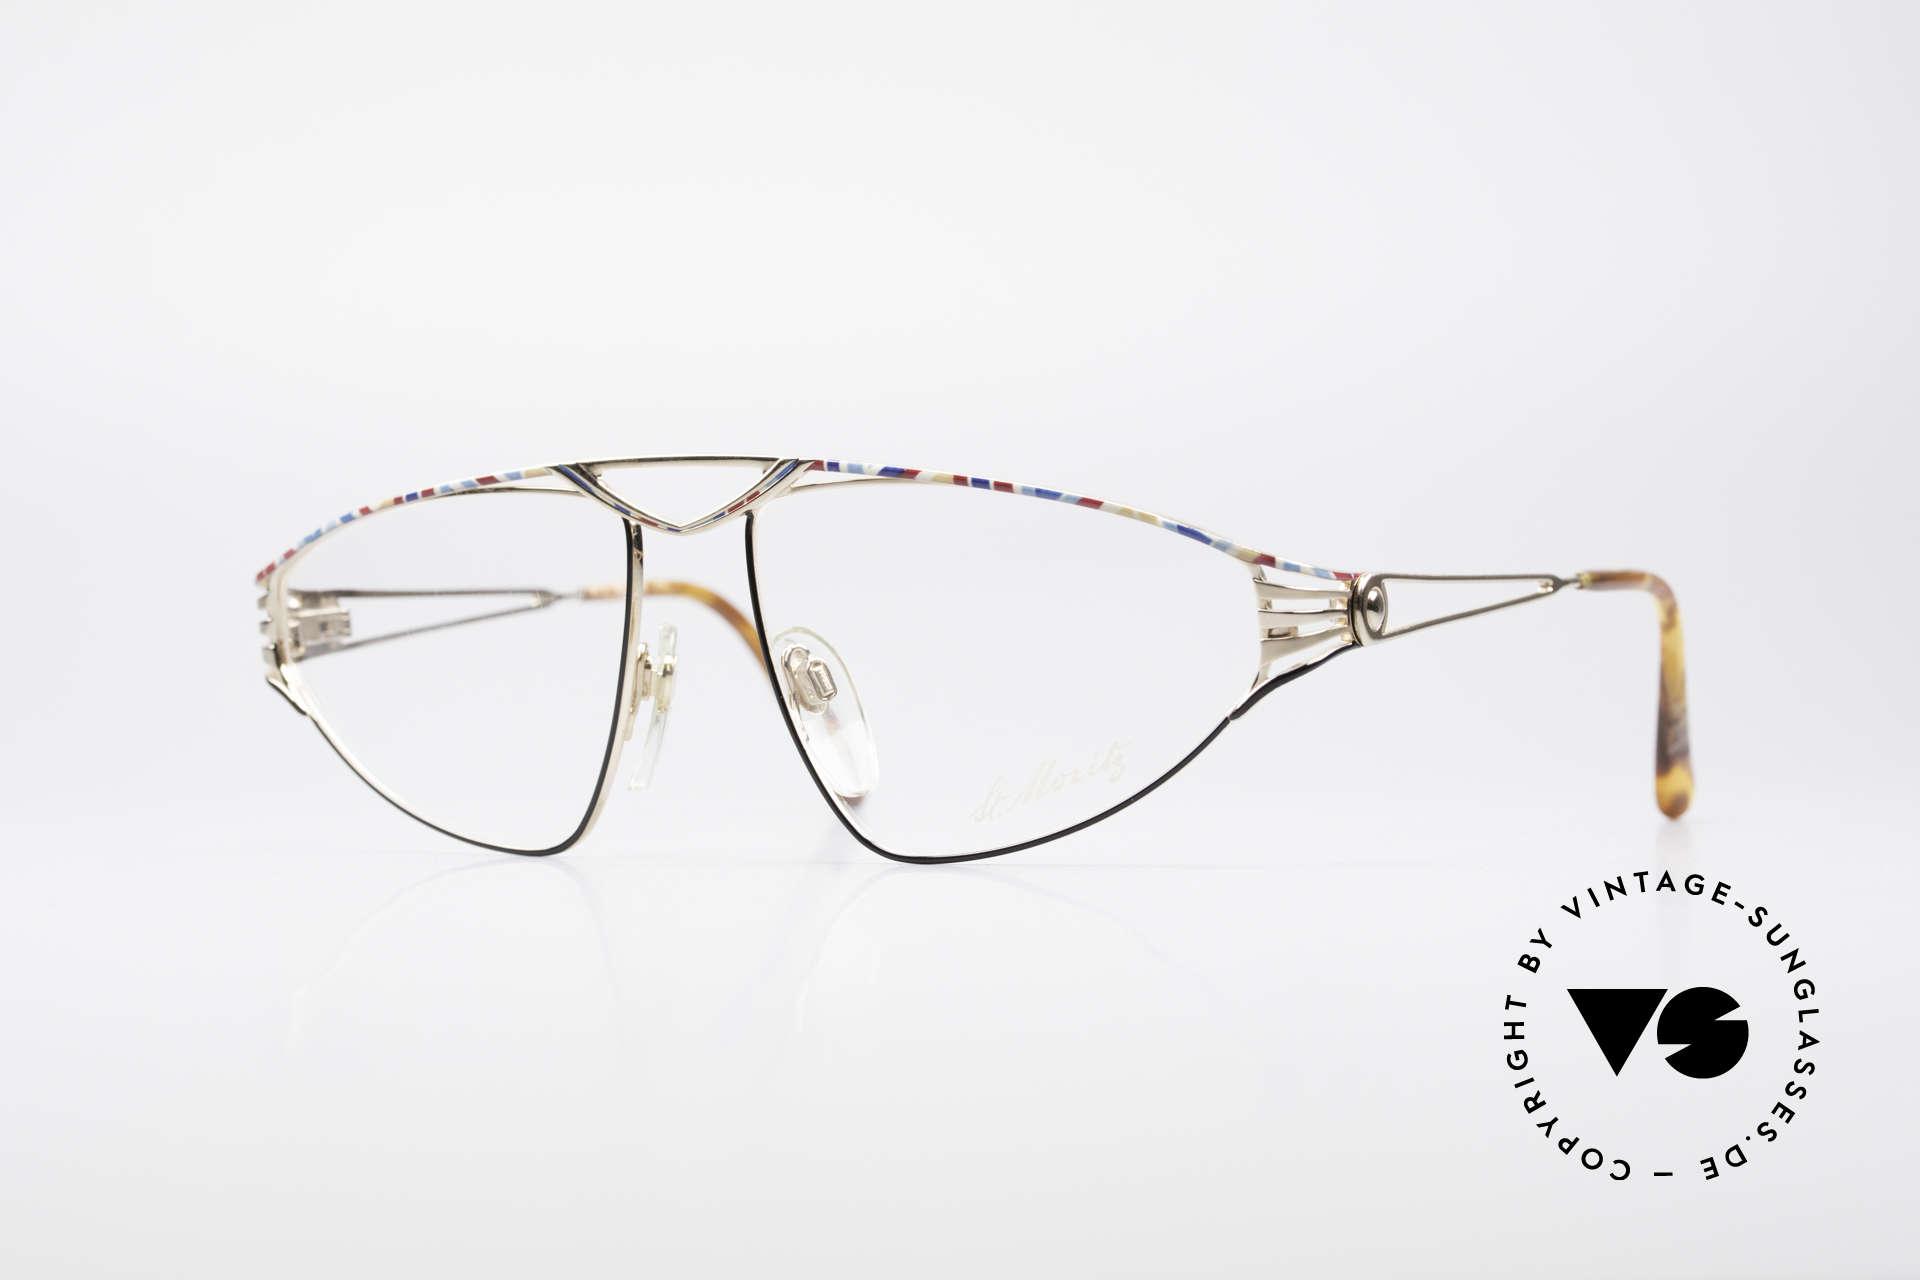 St. Moritz 4410 Luxus Designer Brille, sensationelle vintage St. Moritz Lusux-Brillenfassung, Passend für Damen